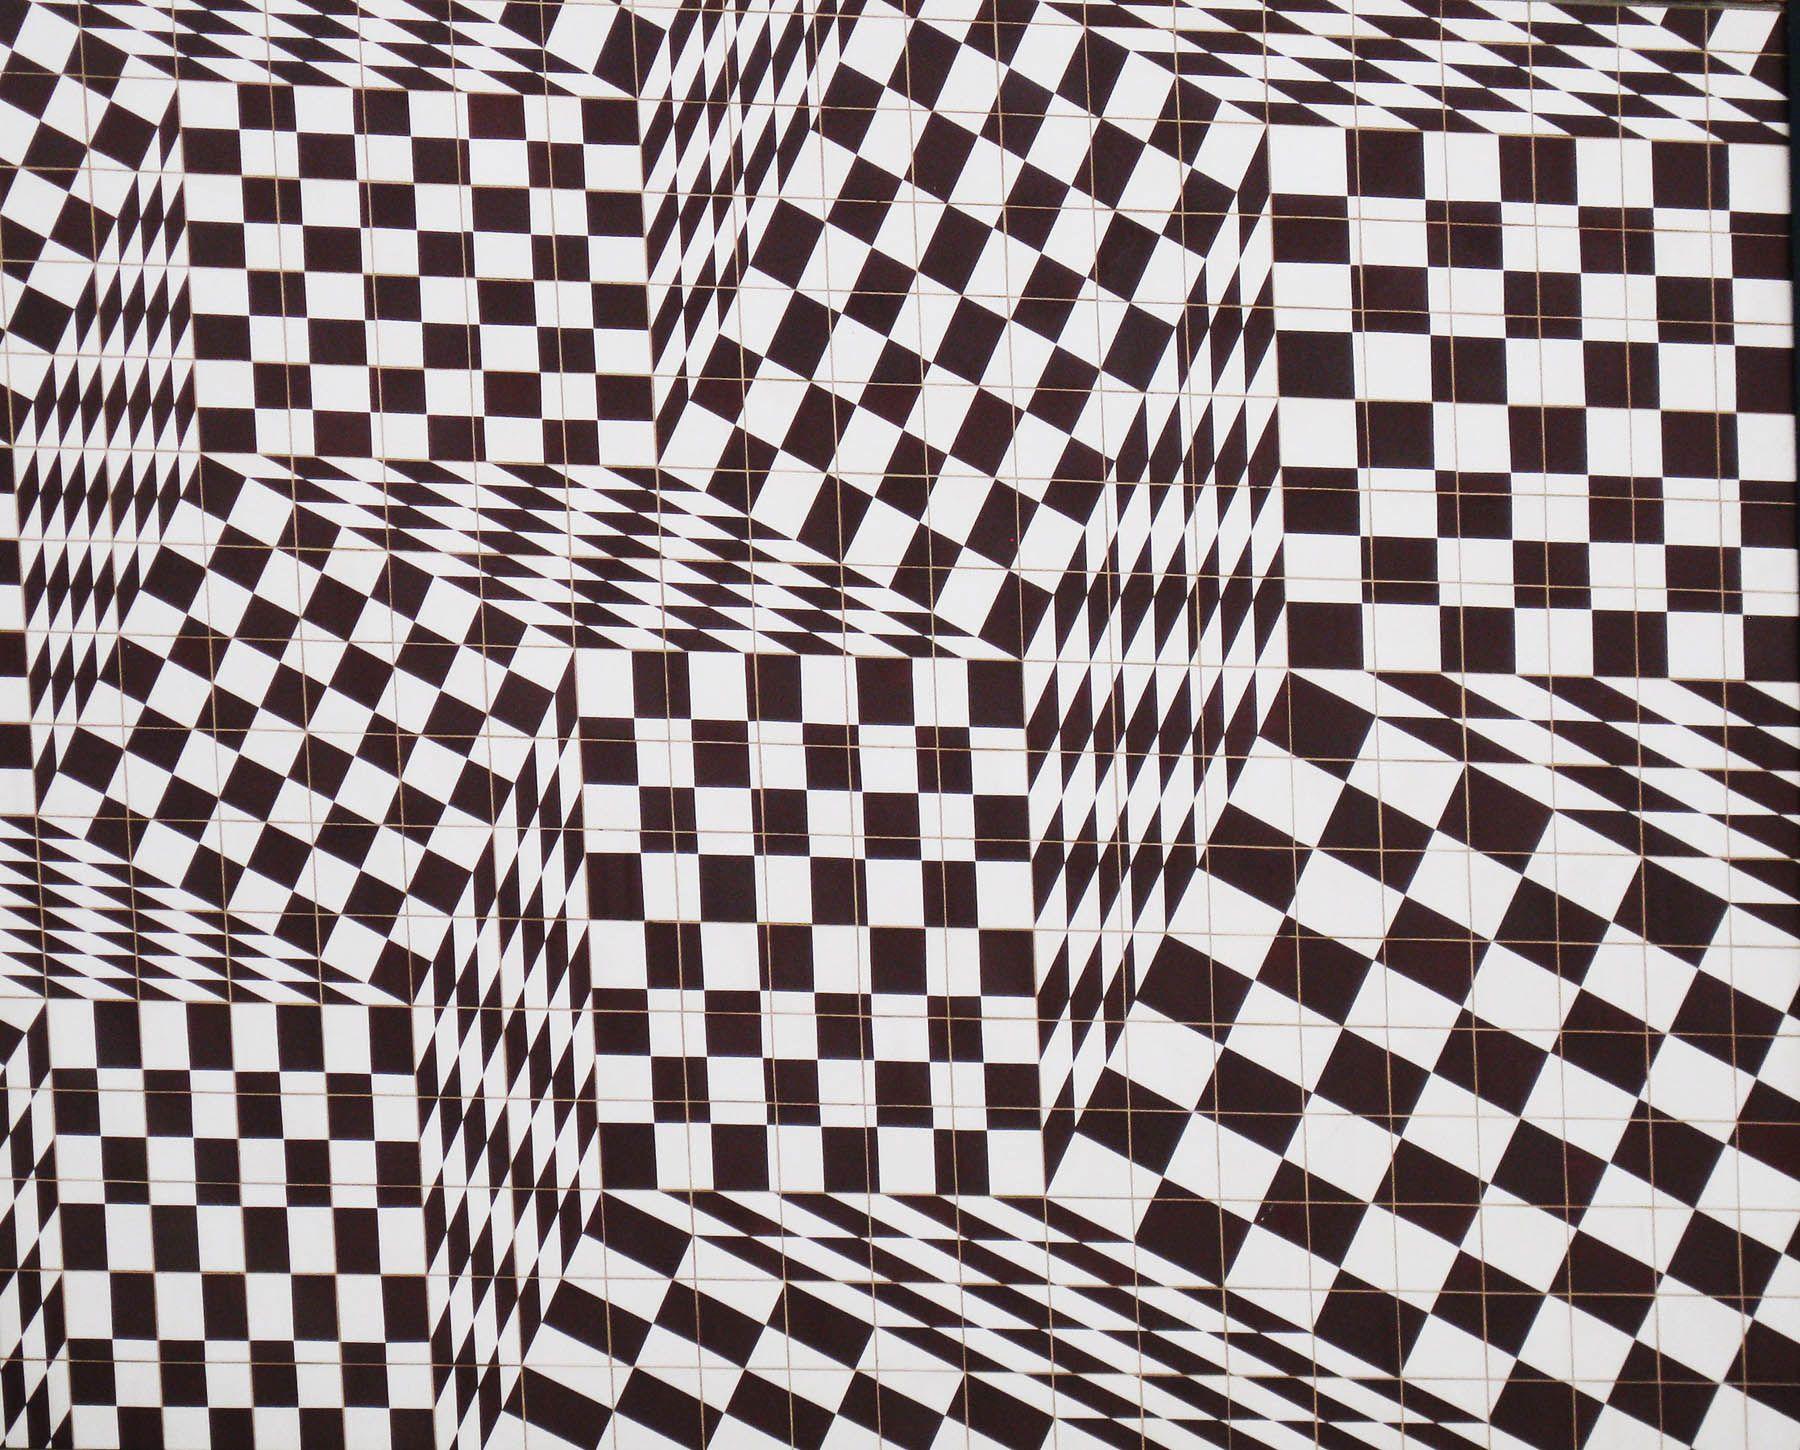 Optische Tauschungen Illusionen Biz Optische Tauschung Optische Illusionen Optische Tauschungen Zeichnen